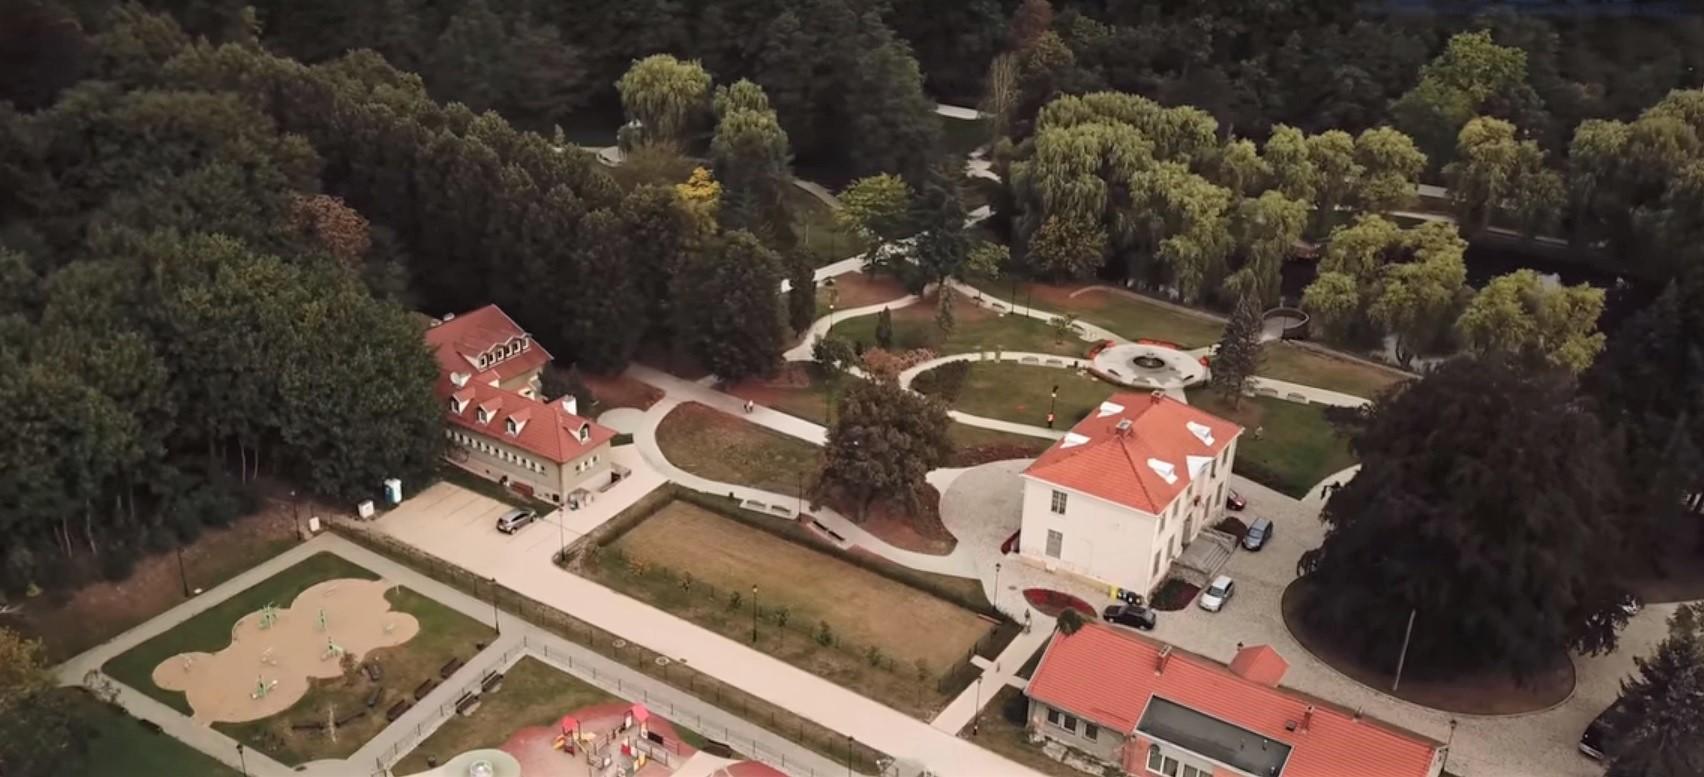 Park Oruński w Gdańsku najlepszą przestrzenią publiczną w województwie. Kto jeszcze dostał wyróżnienia?